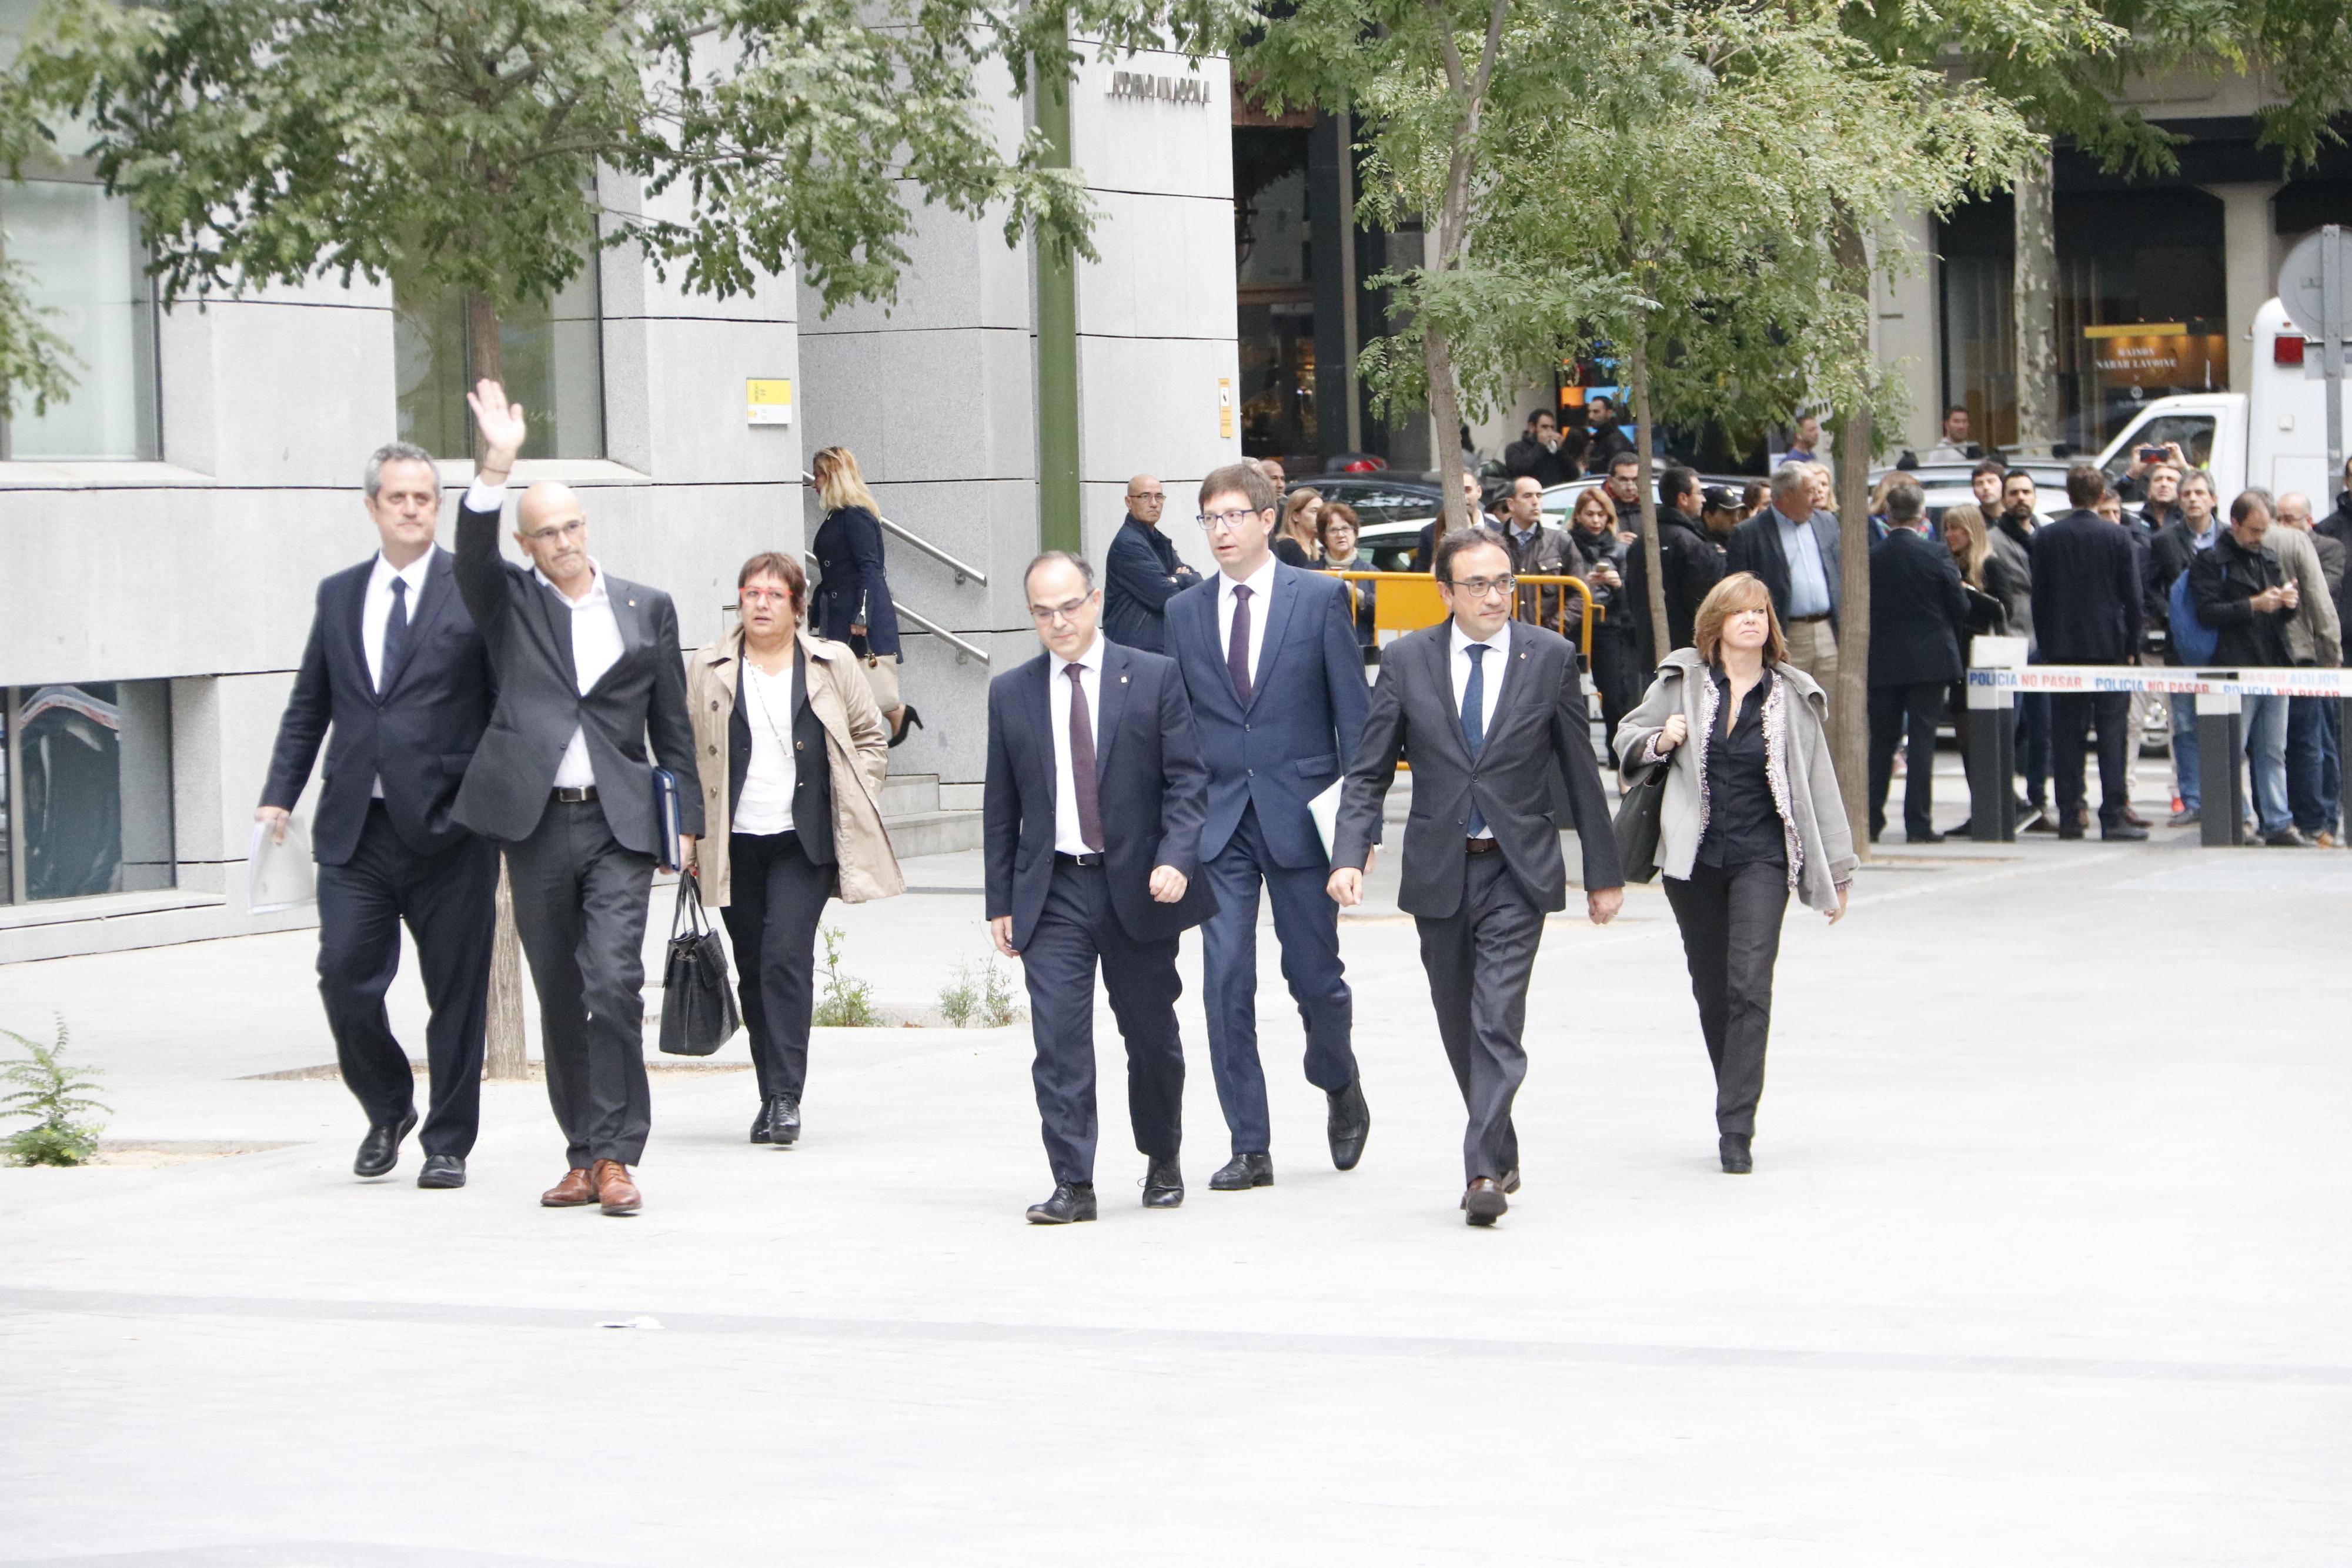 Presó incondicional per als vuit consellers destituïts i eludible amb 50.000 euros per a Vila